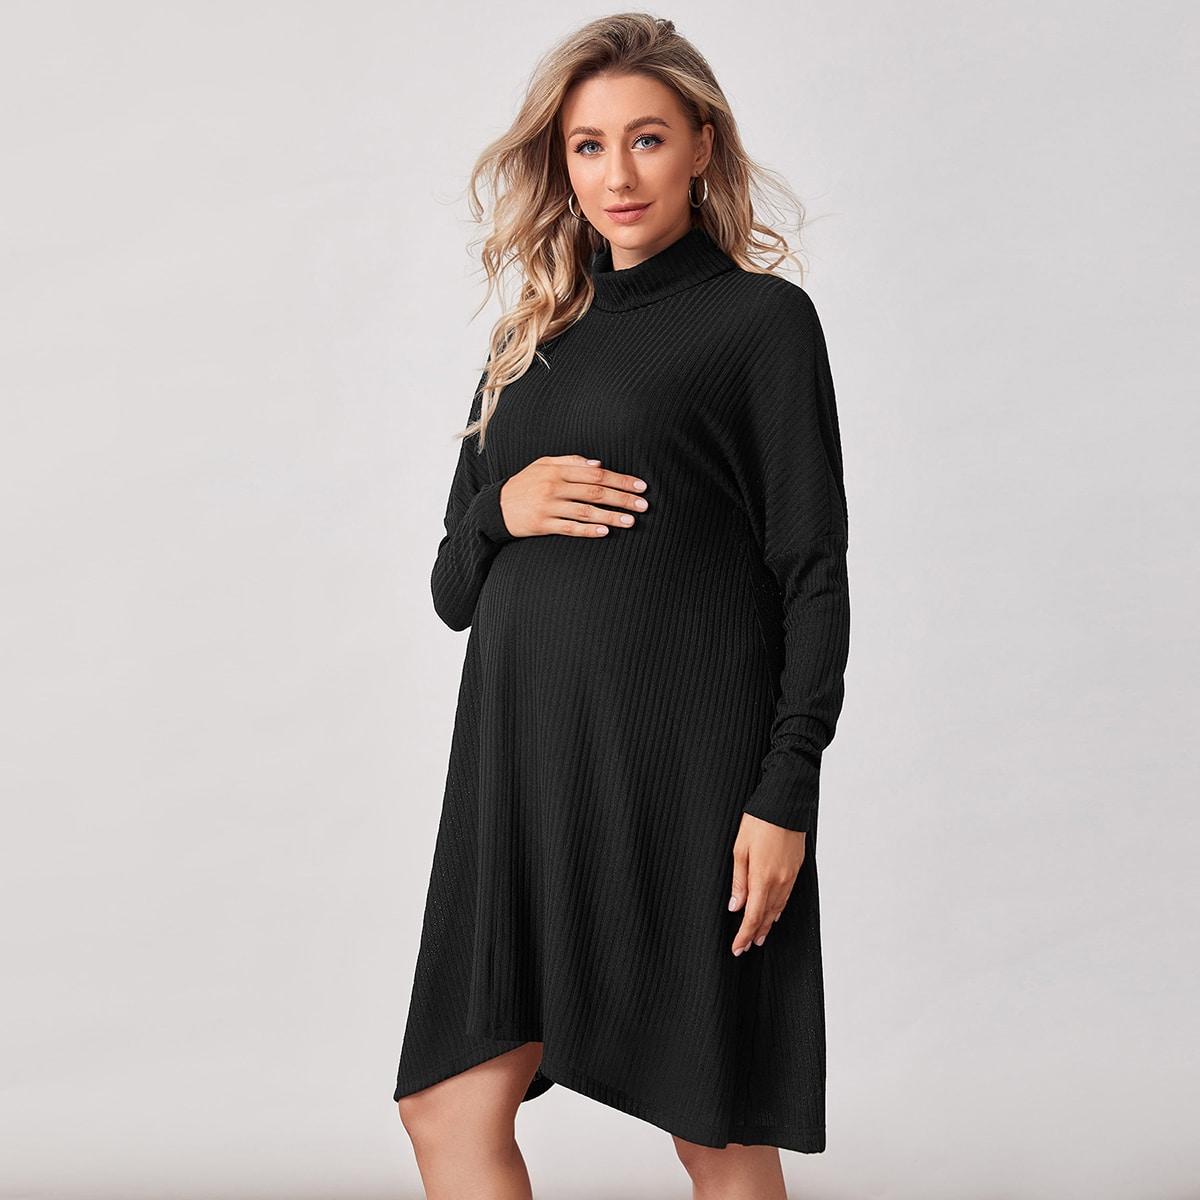 Асимметричный Одноцветный Повседневный Платья для беременных от SHEIN